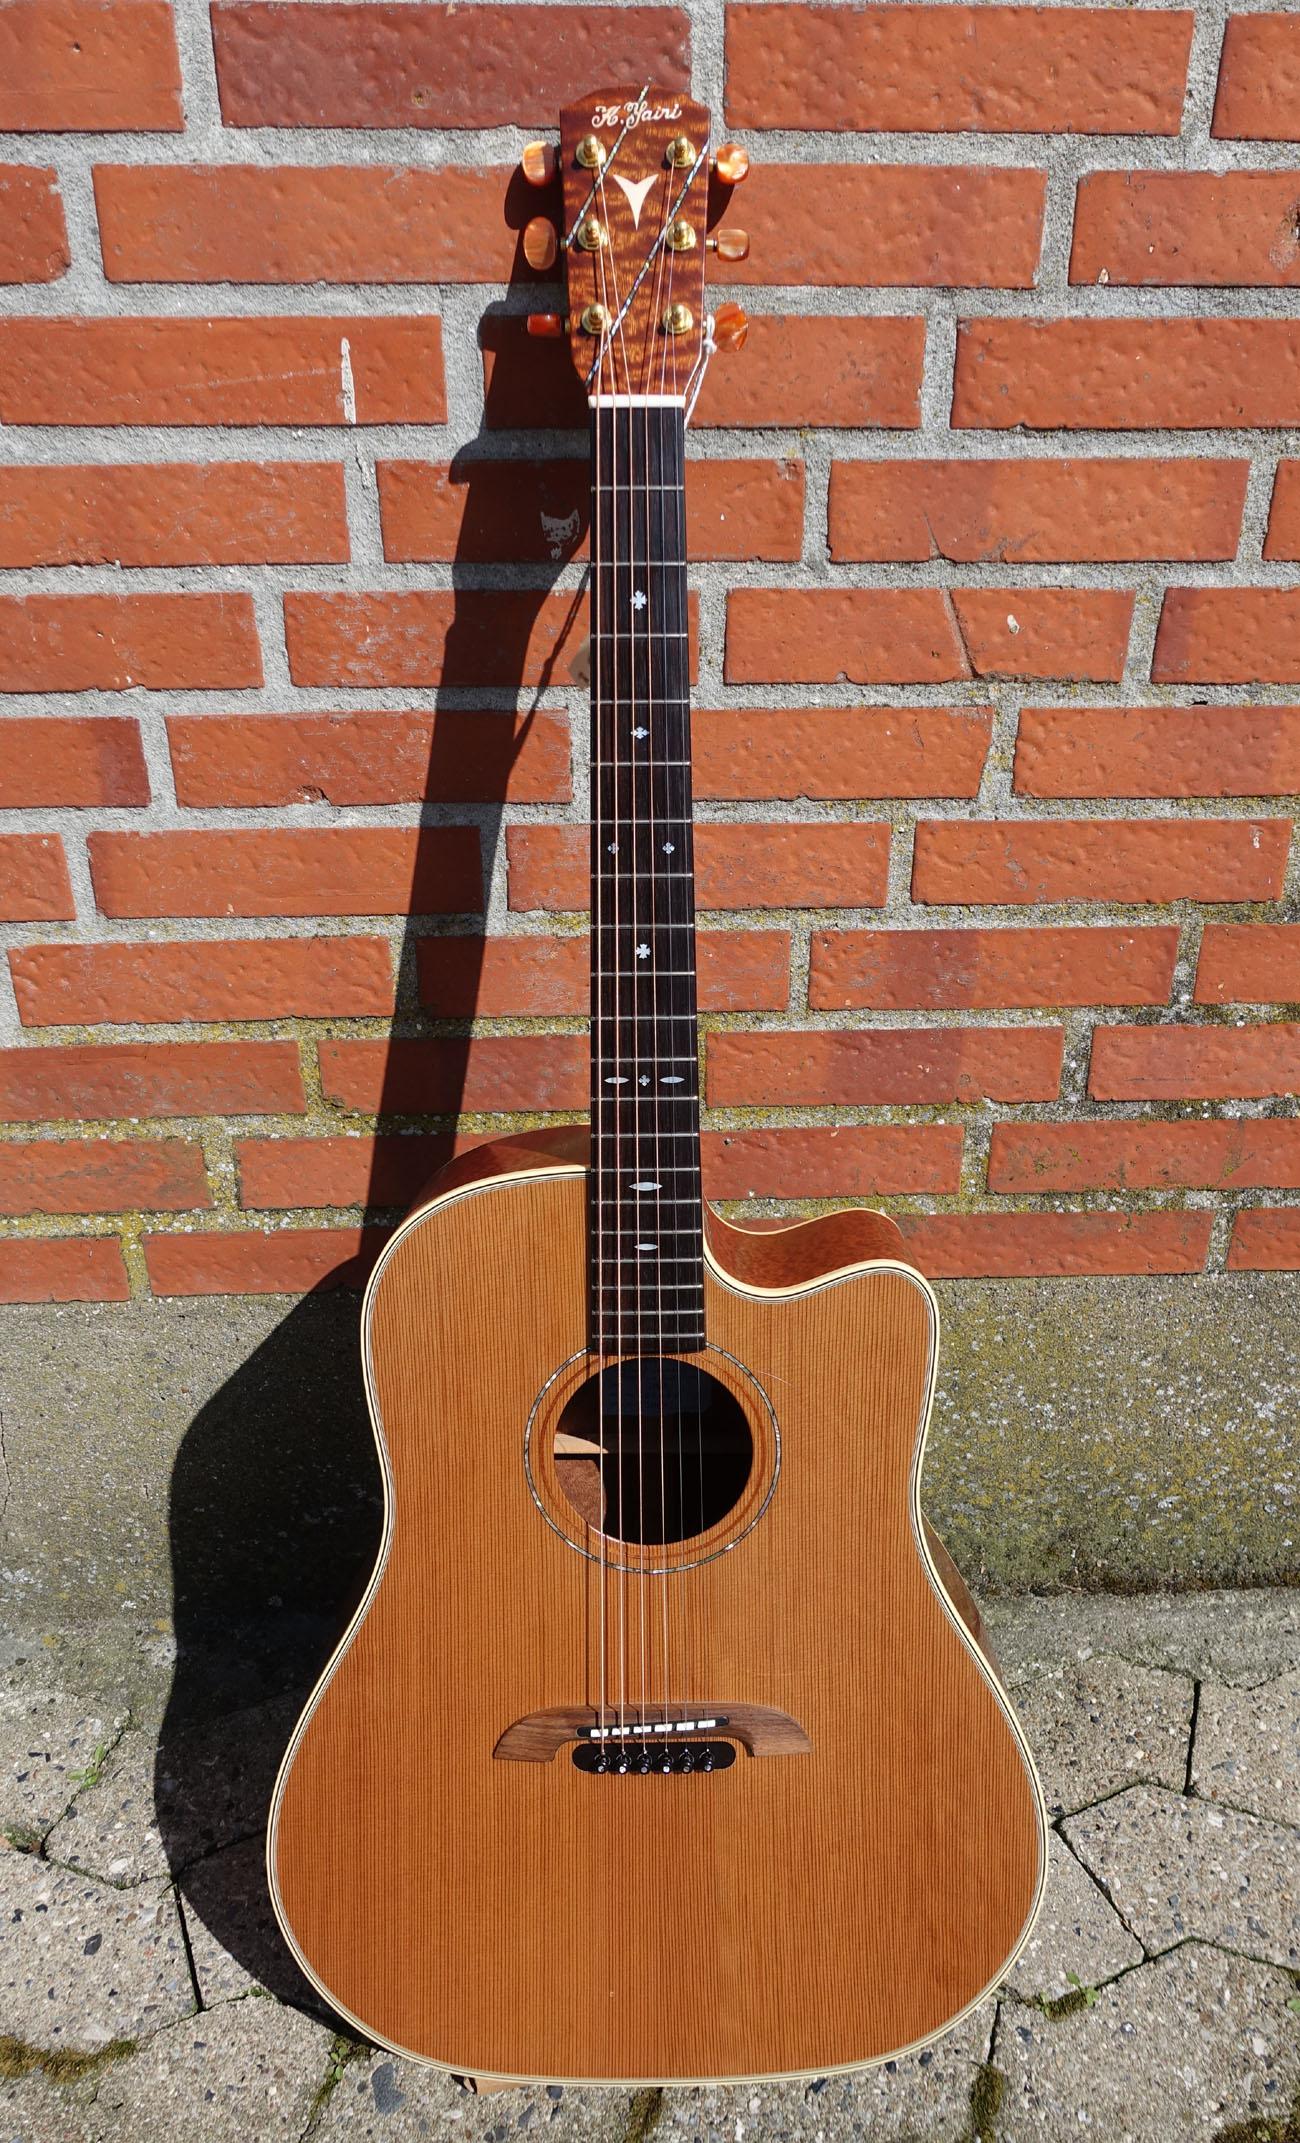 k yairi dy62c 2010 guitar for sale plektrum. Black Bedroom Furniture Sets. Home Design Ideas